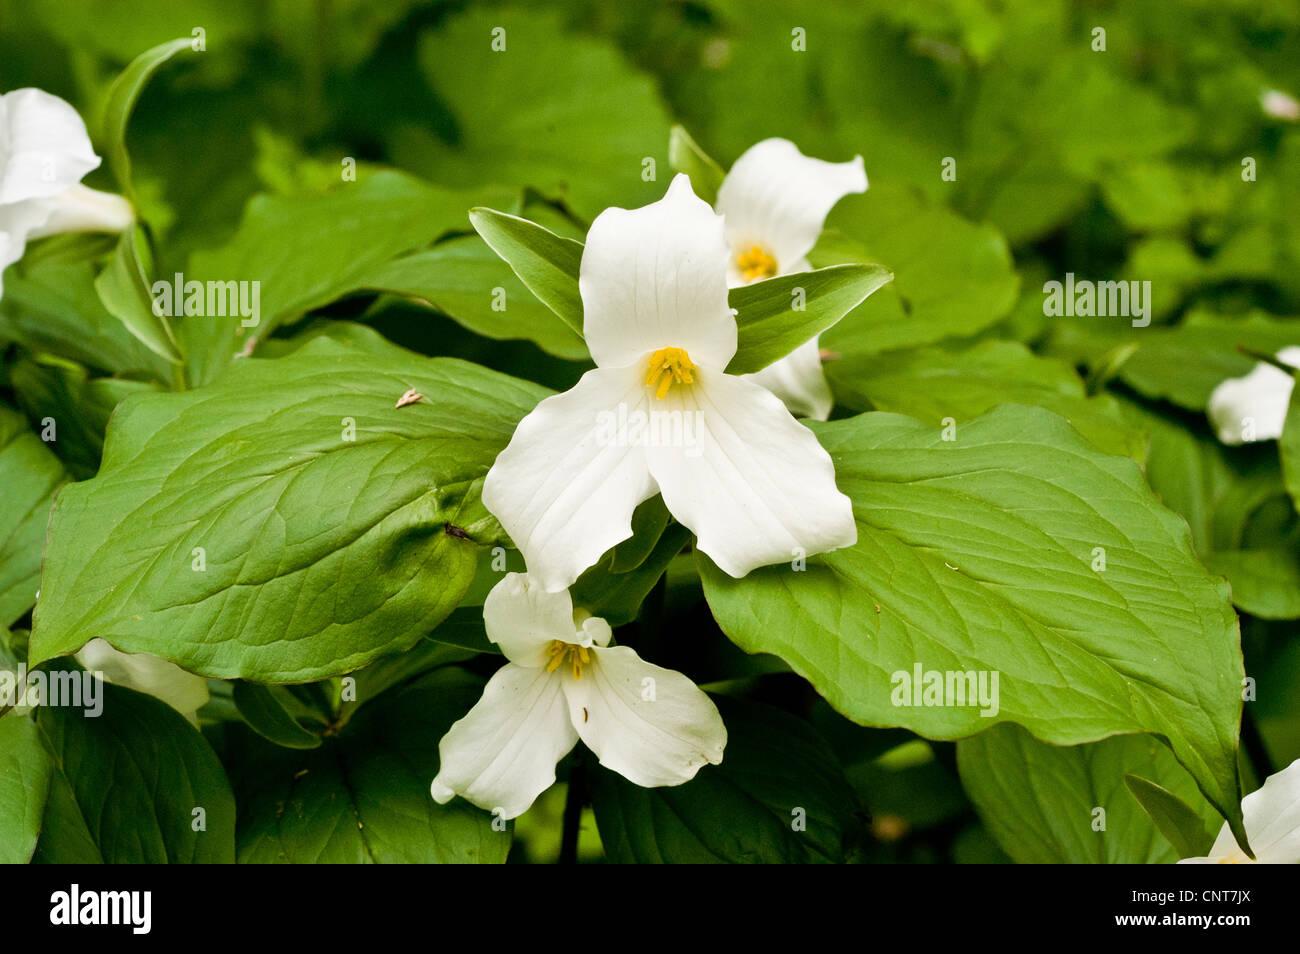 White Flower Of White Trillium Great White Trillium White Stock